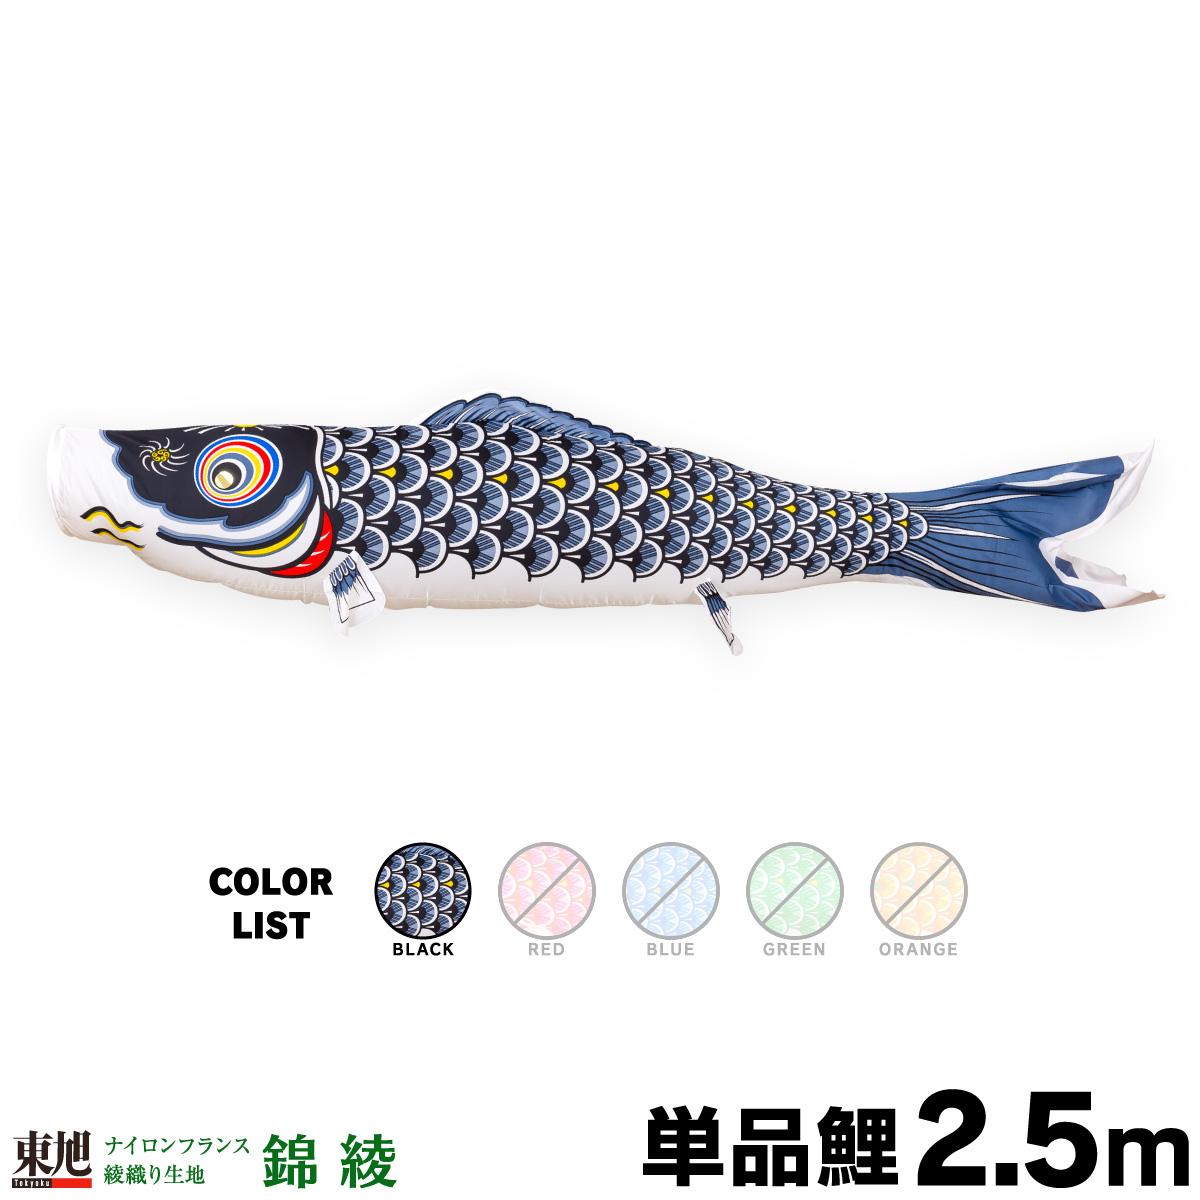 【こいのぼり 単品】 フランス綾織り生地 錦綾 2.5m 単品鯉